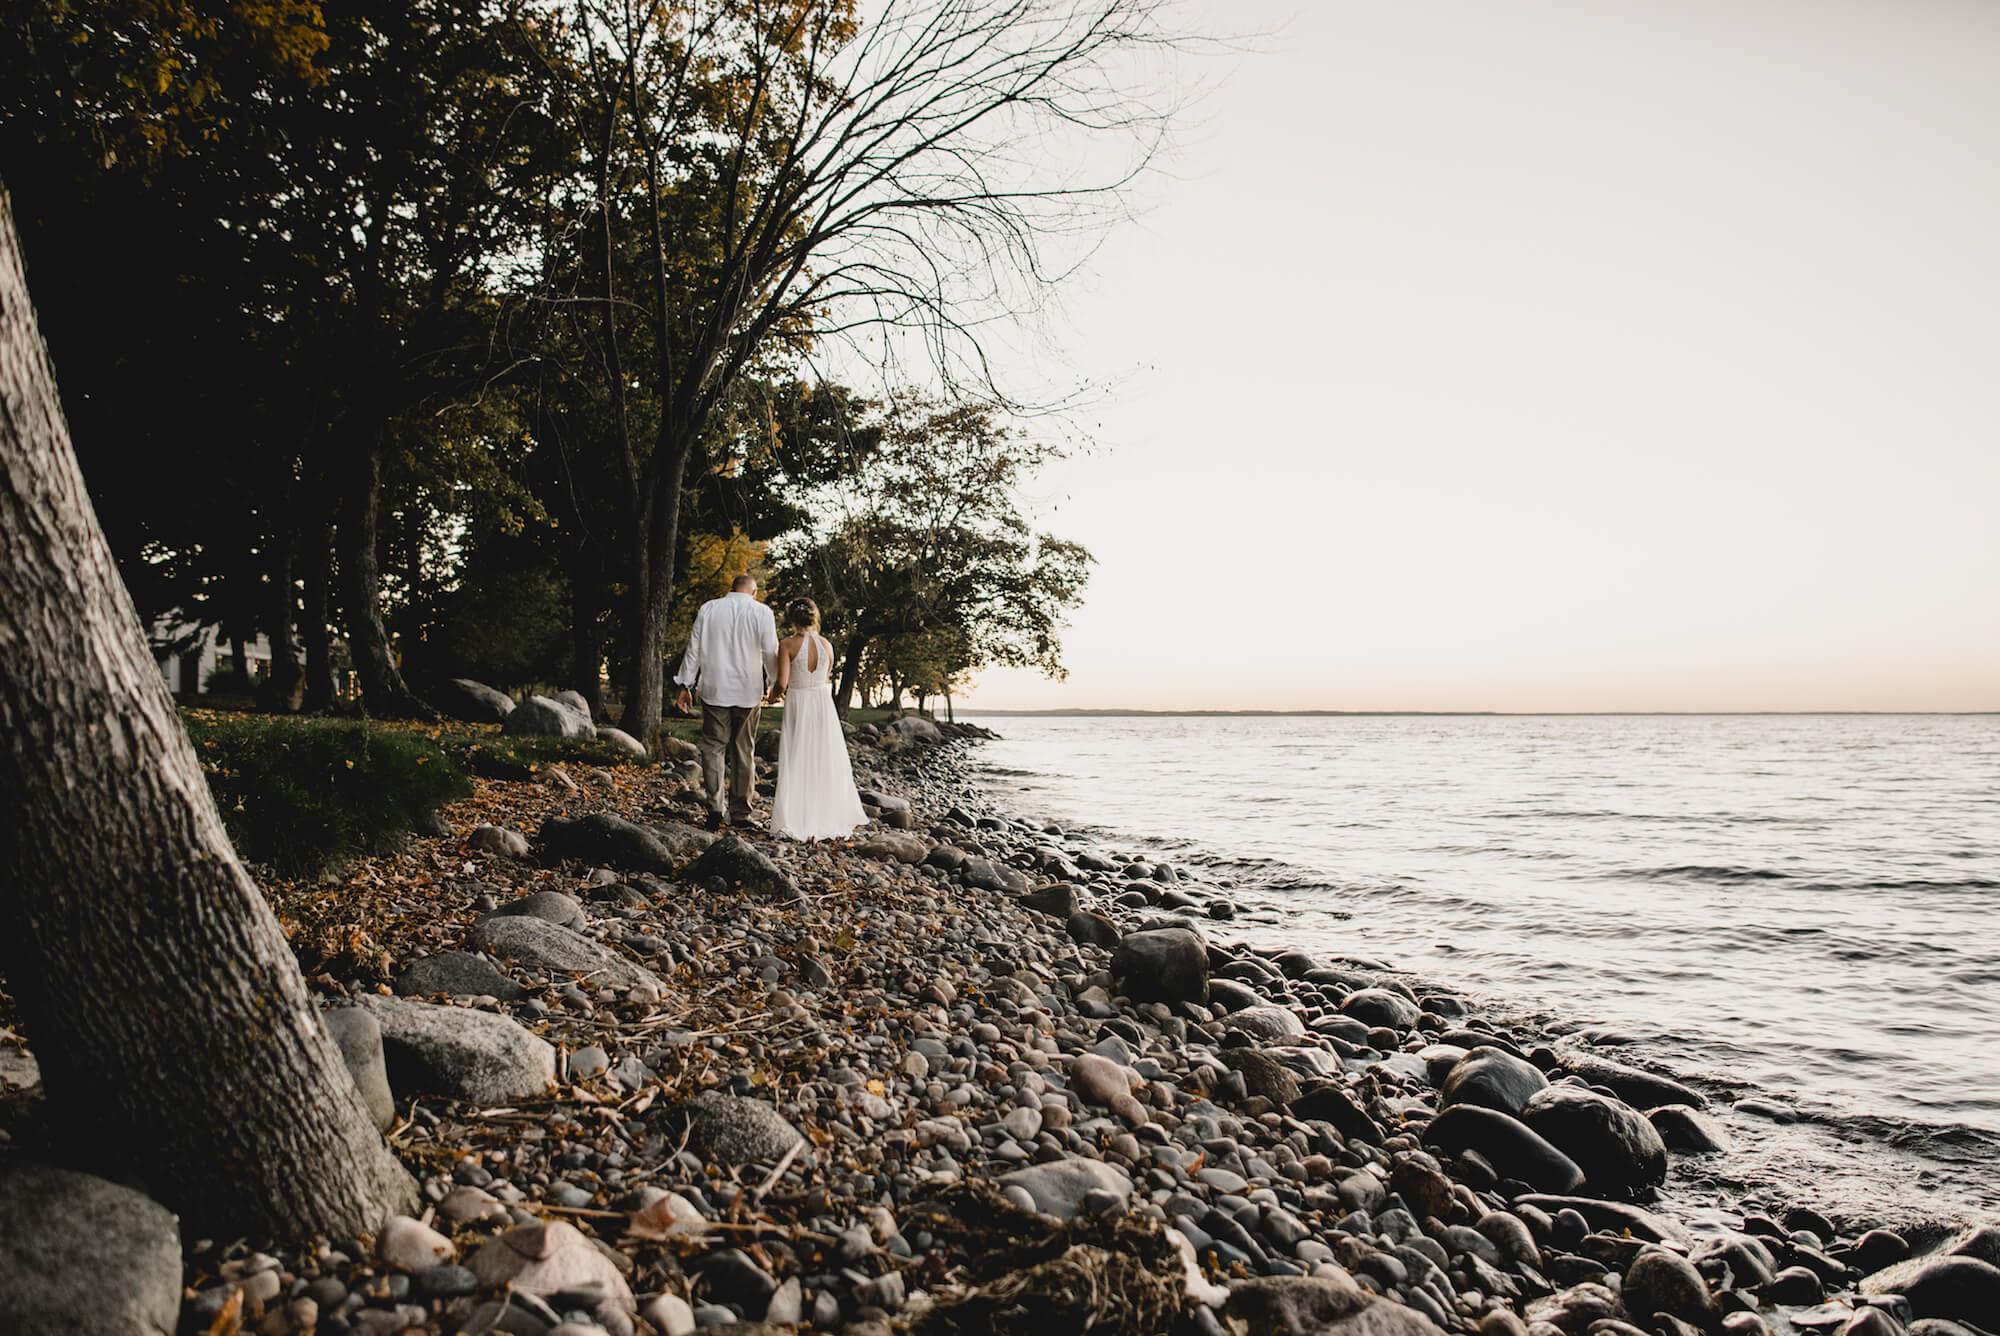 engle-olson-tammy-marc-wedding-59.jpg